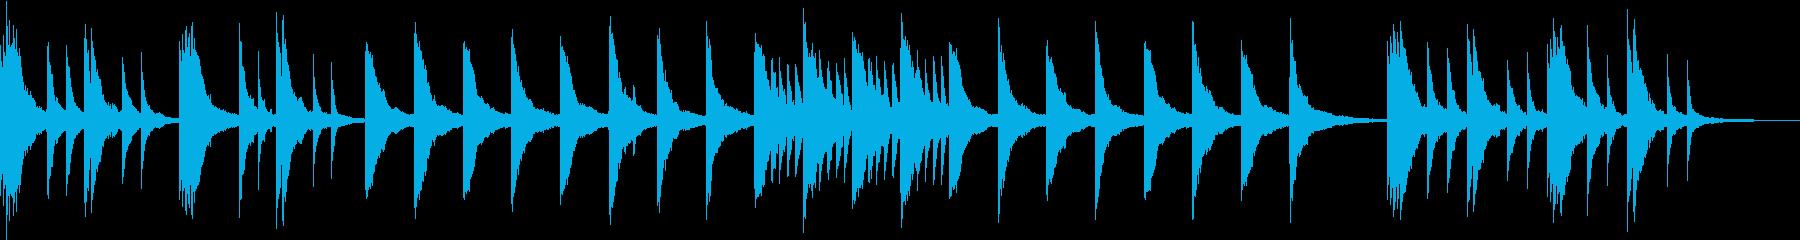 物憂げな日常のイメージのピアノBGMの再生済みの波形